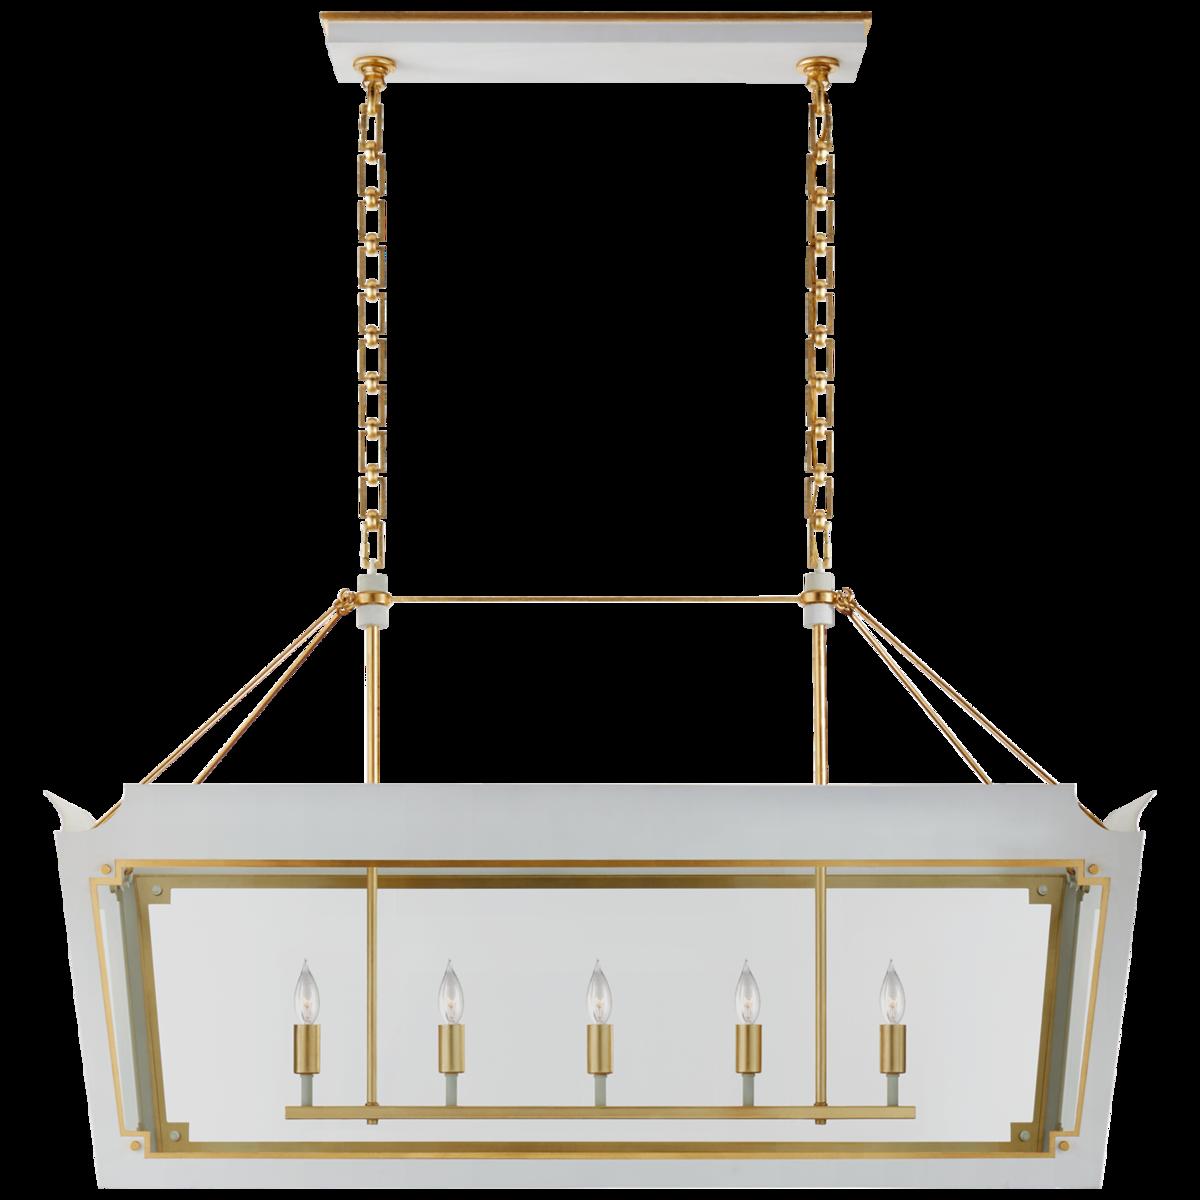 Caddo Medium Linear Lantern